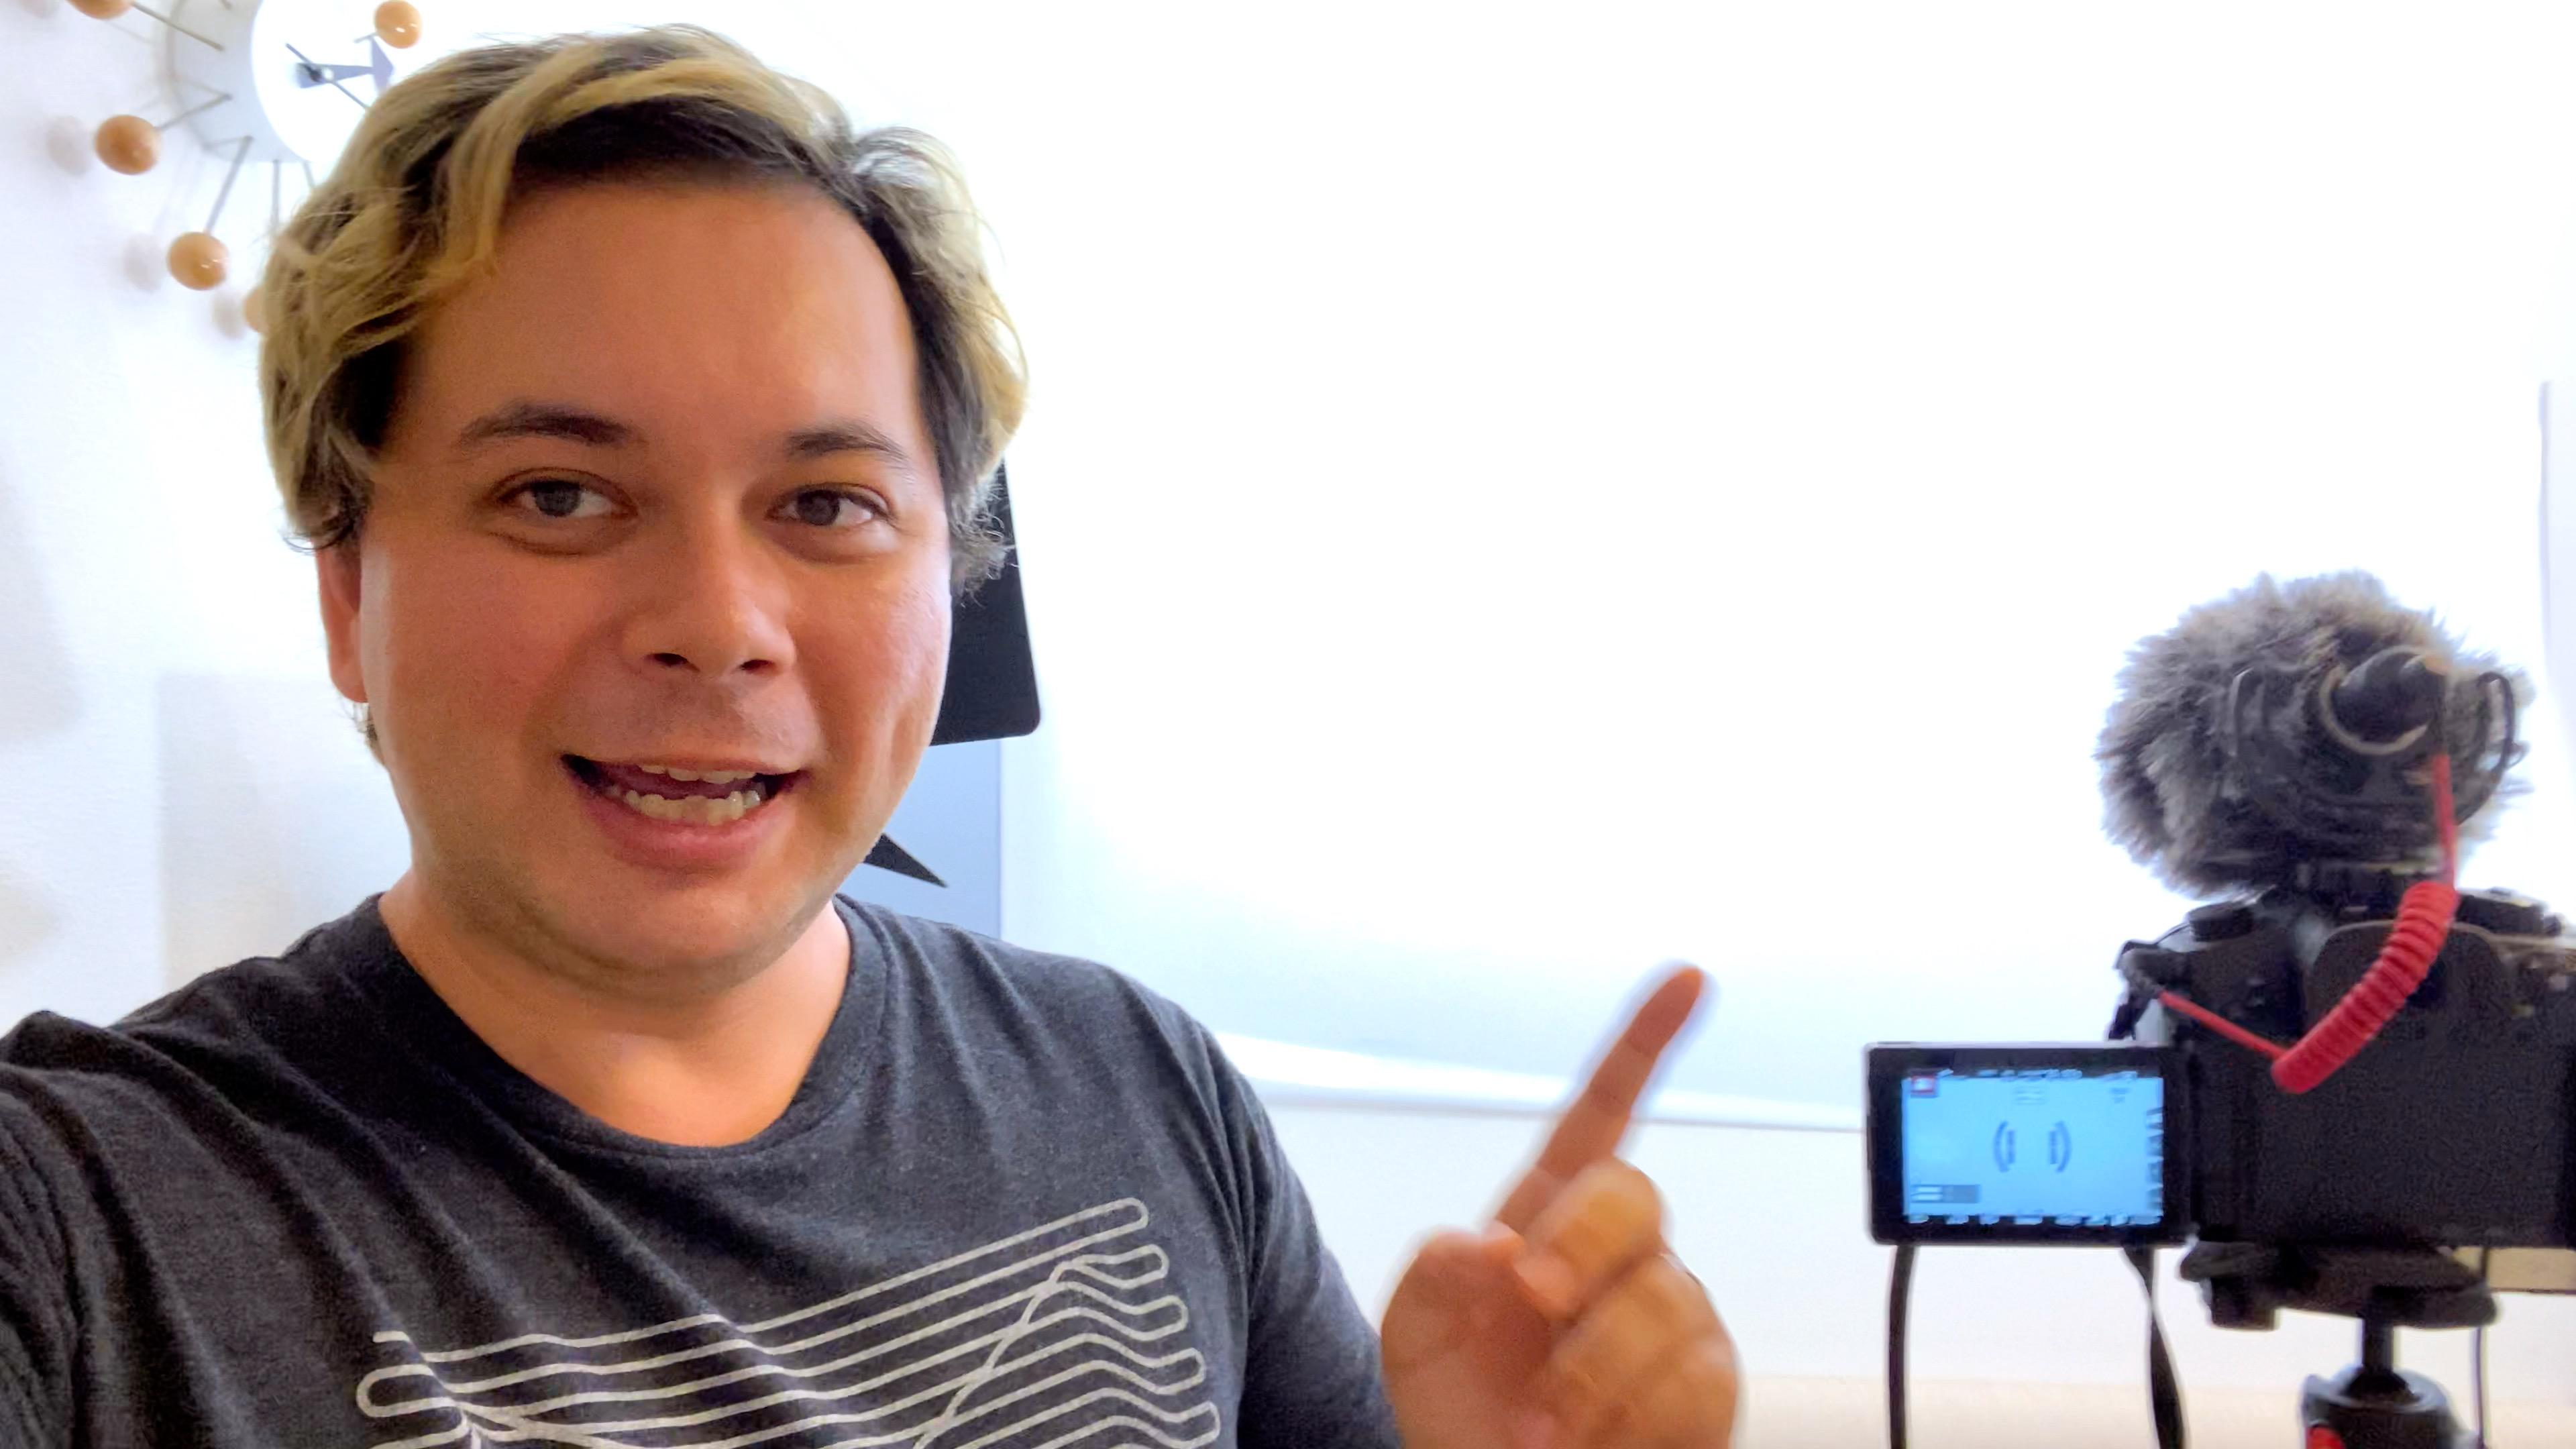 オンライン講座&ライブ配信用のお勧めの動画撮影機材を公開します!